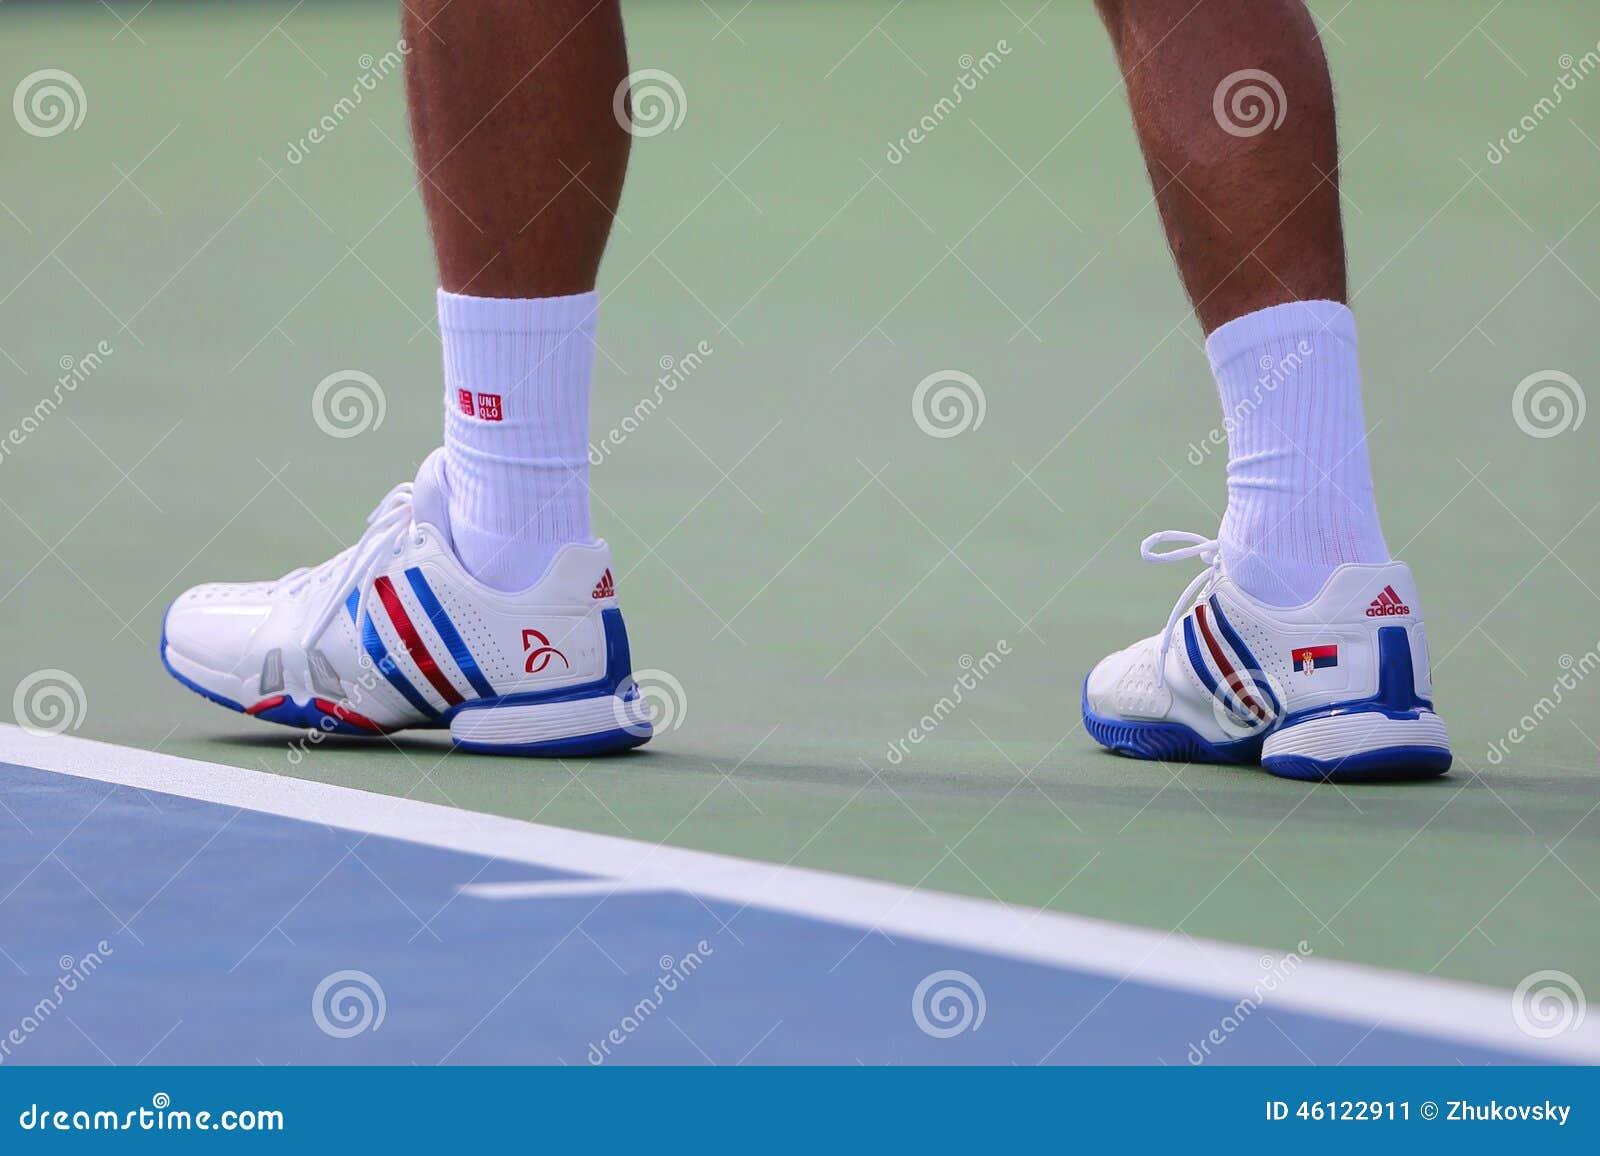 Seis Campeones Novak Djokovic Del Grand Slam De Las Epocas Llevan Las Zapatos Tenis De Encargo De Adidas Durante Partido En El Us Foto Editorial Imagen De Durante Grand 46122911